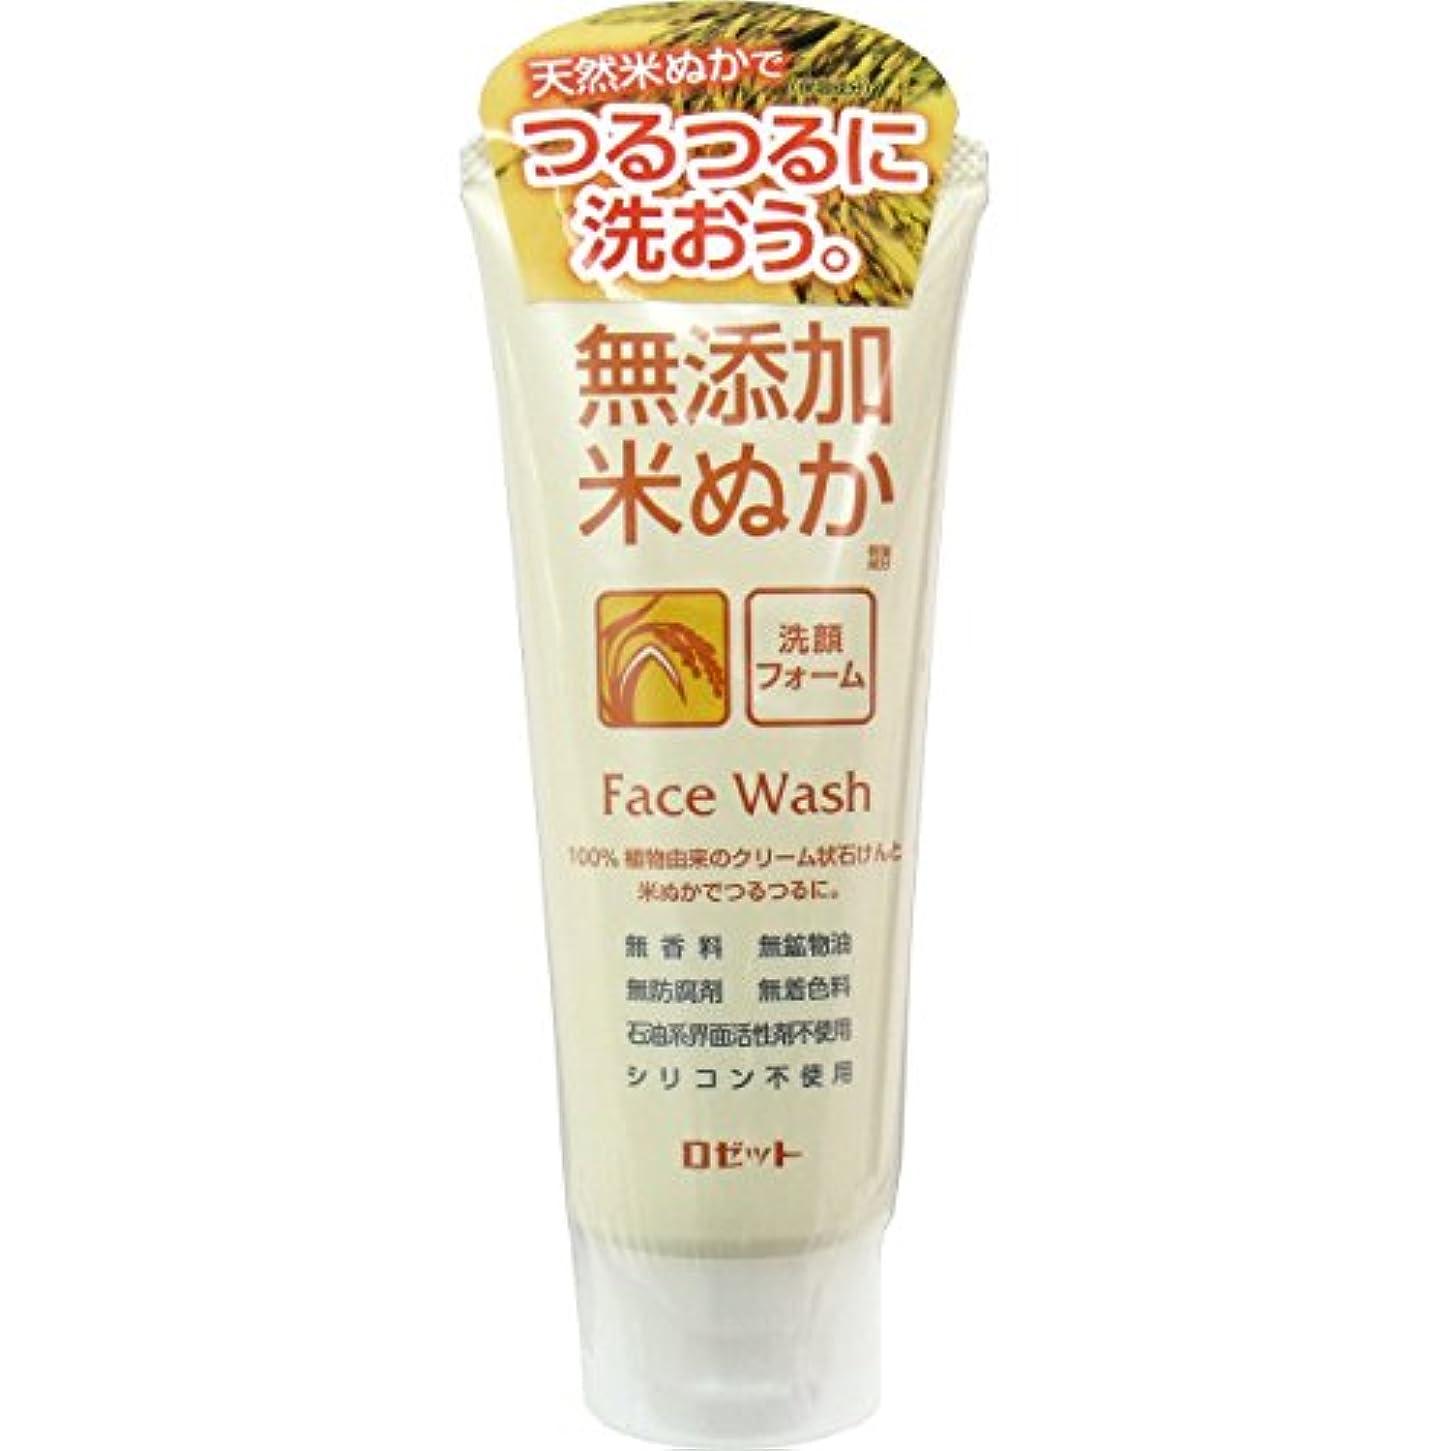 重量柔和懐疑的【ロゼット】無添加米ぬか洗顔フォーム 140g ×20個セット